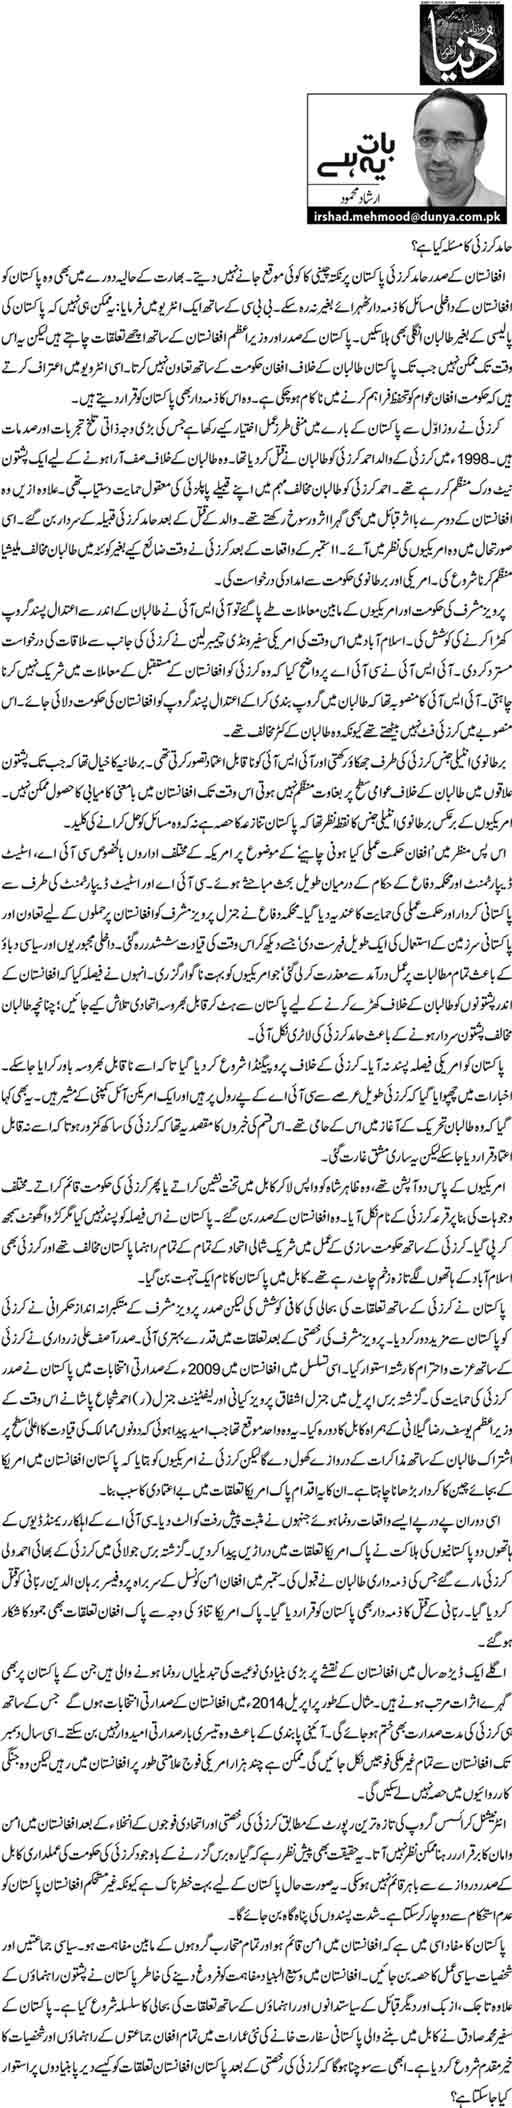 Hamid Karzai ka masala kia hai? - Irshad Mehmood